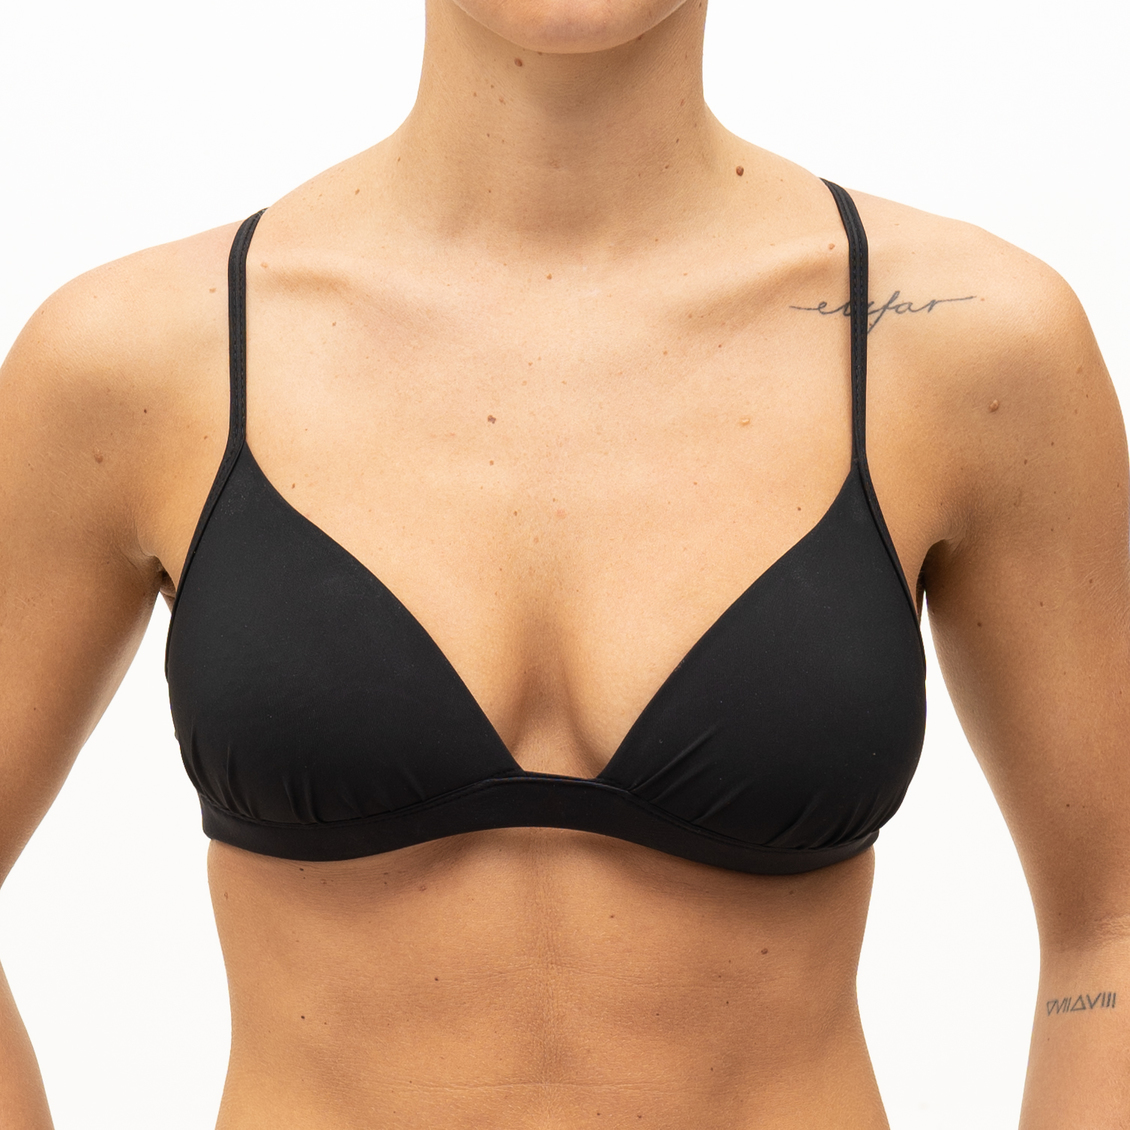 Caup bikini top for large breast